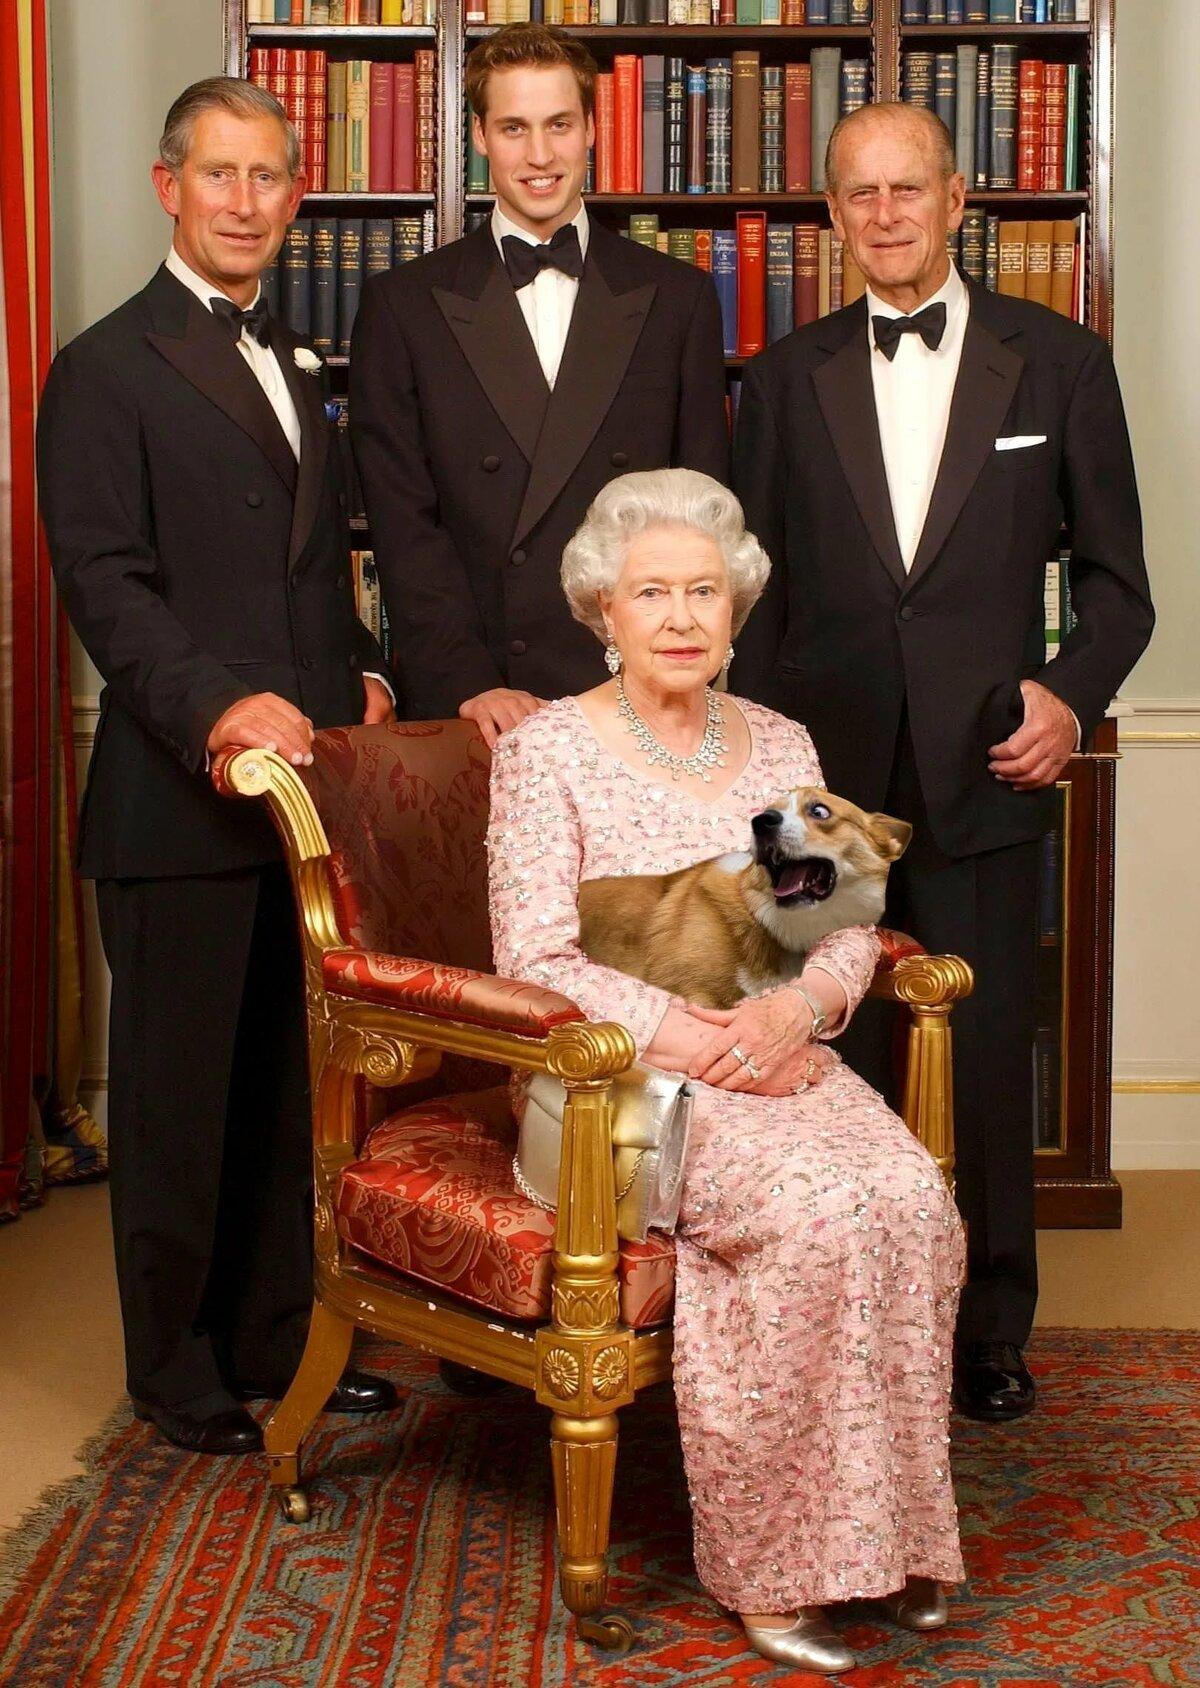 королевская семья великобритании фото сегодня росинкас бастовали